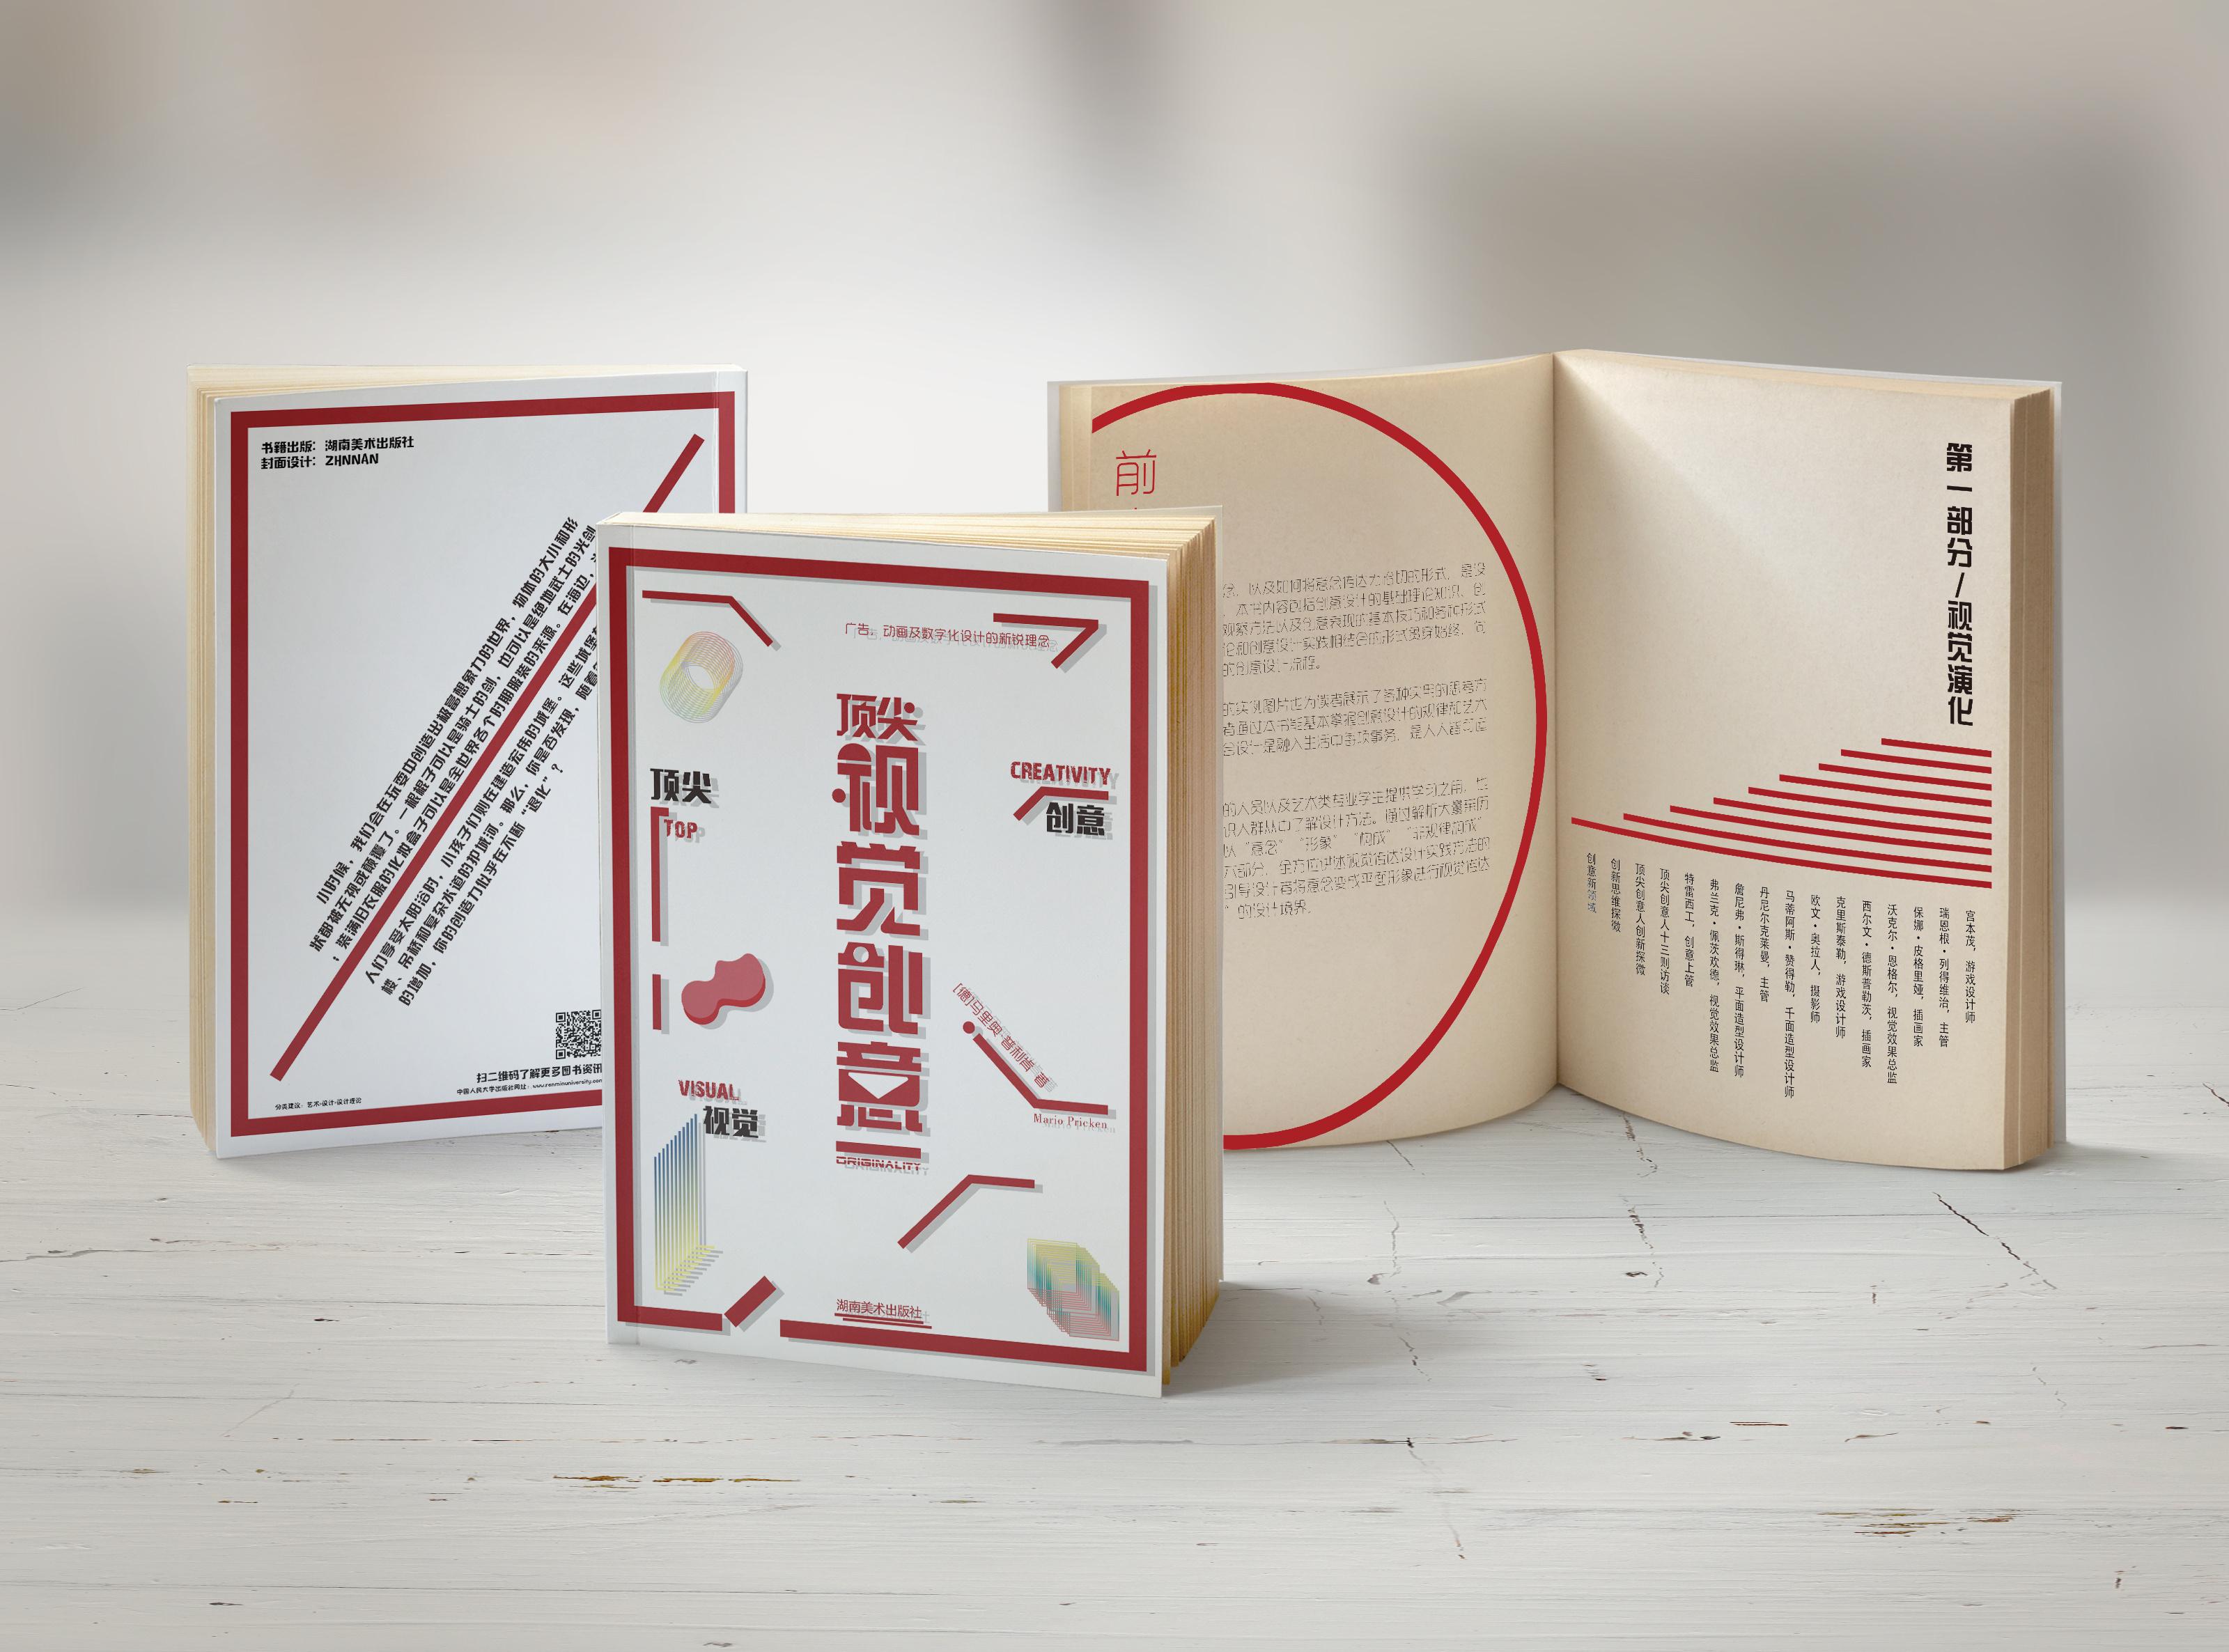 平面设计工艺创意书 图片合集图片